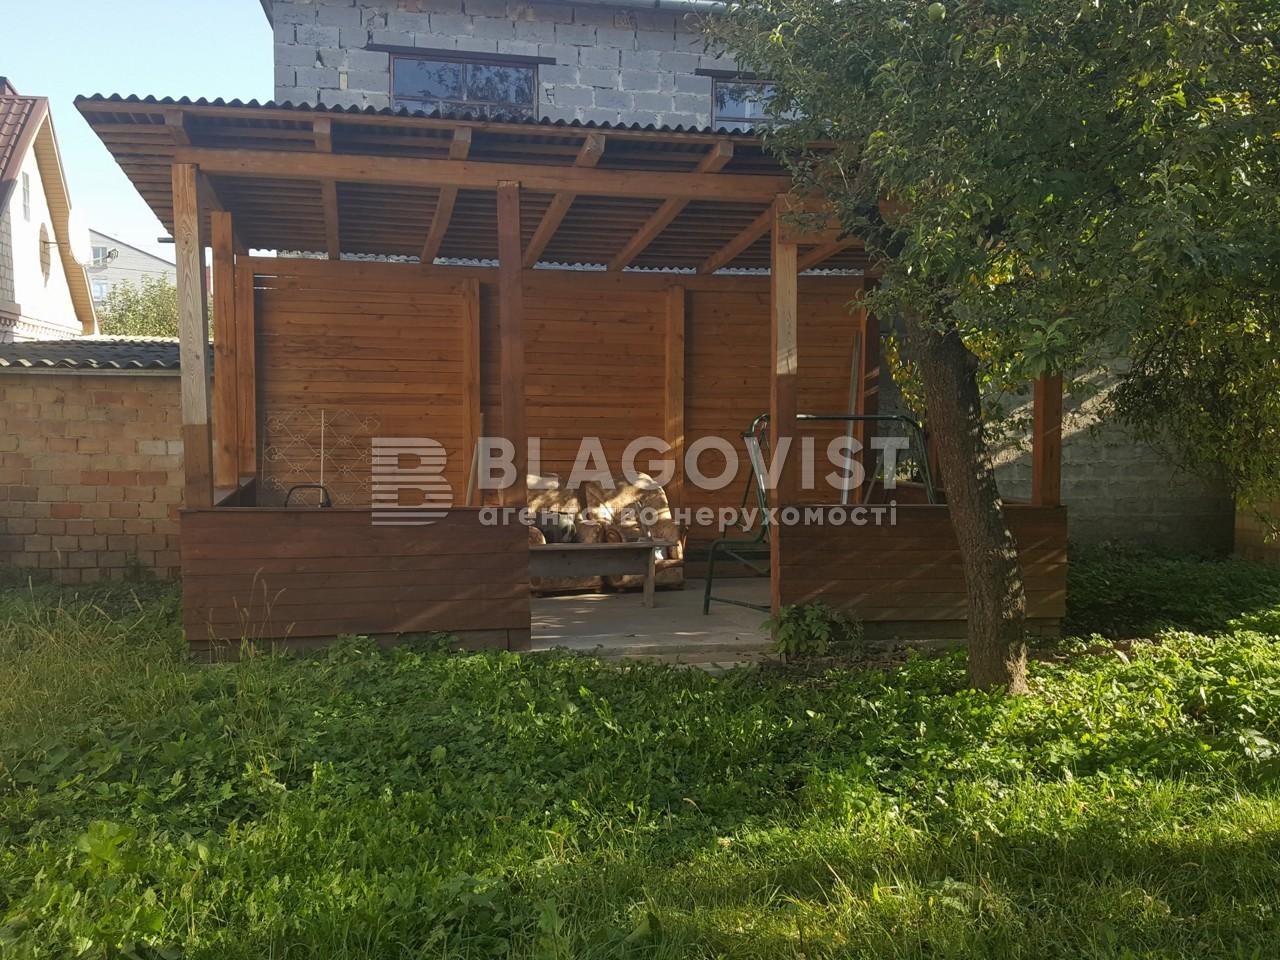 Дом R-21106, Патриотов, Киев - Фото 14